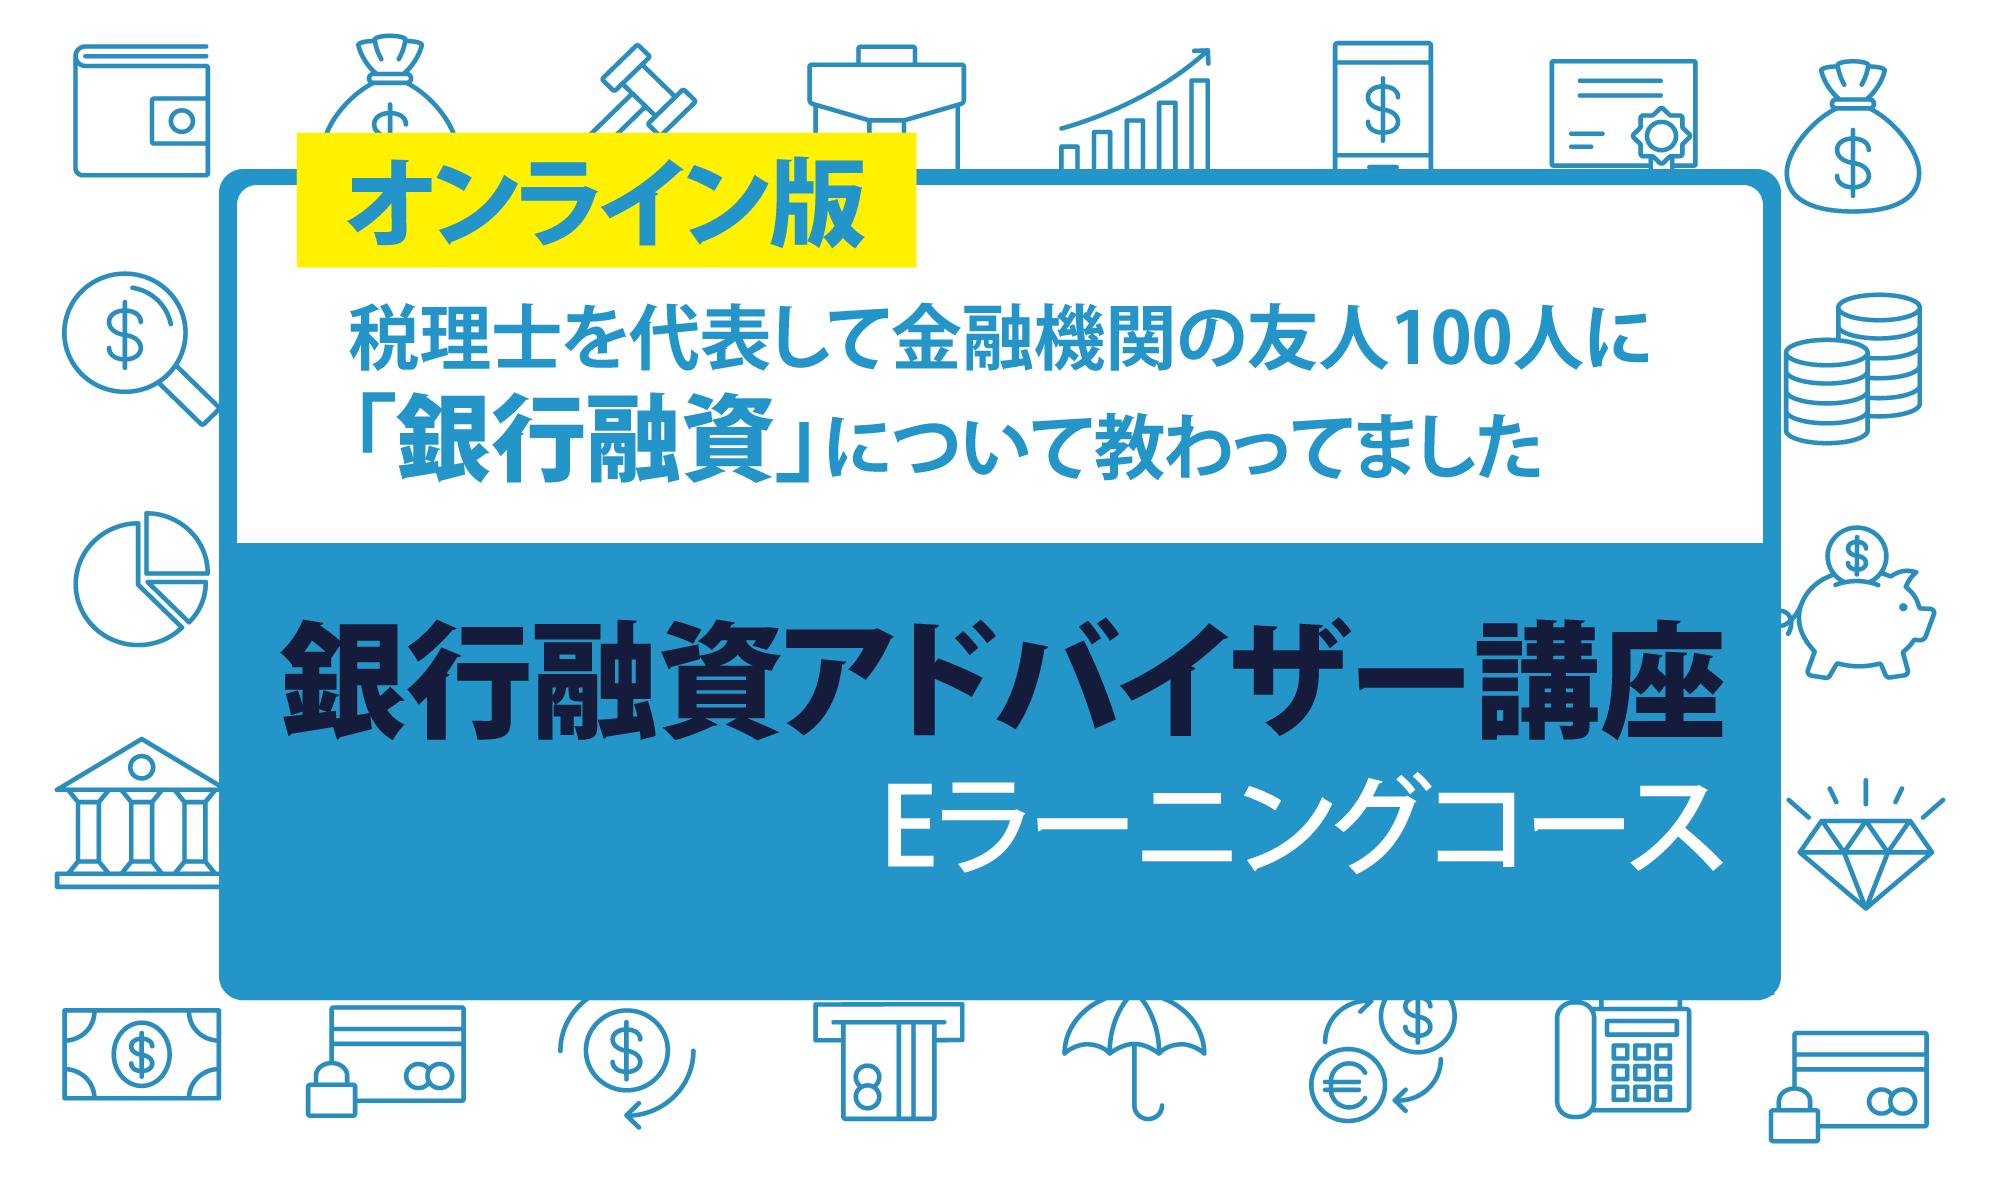 20200307_岩田さん税理士を代表してオンライン講座バナー